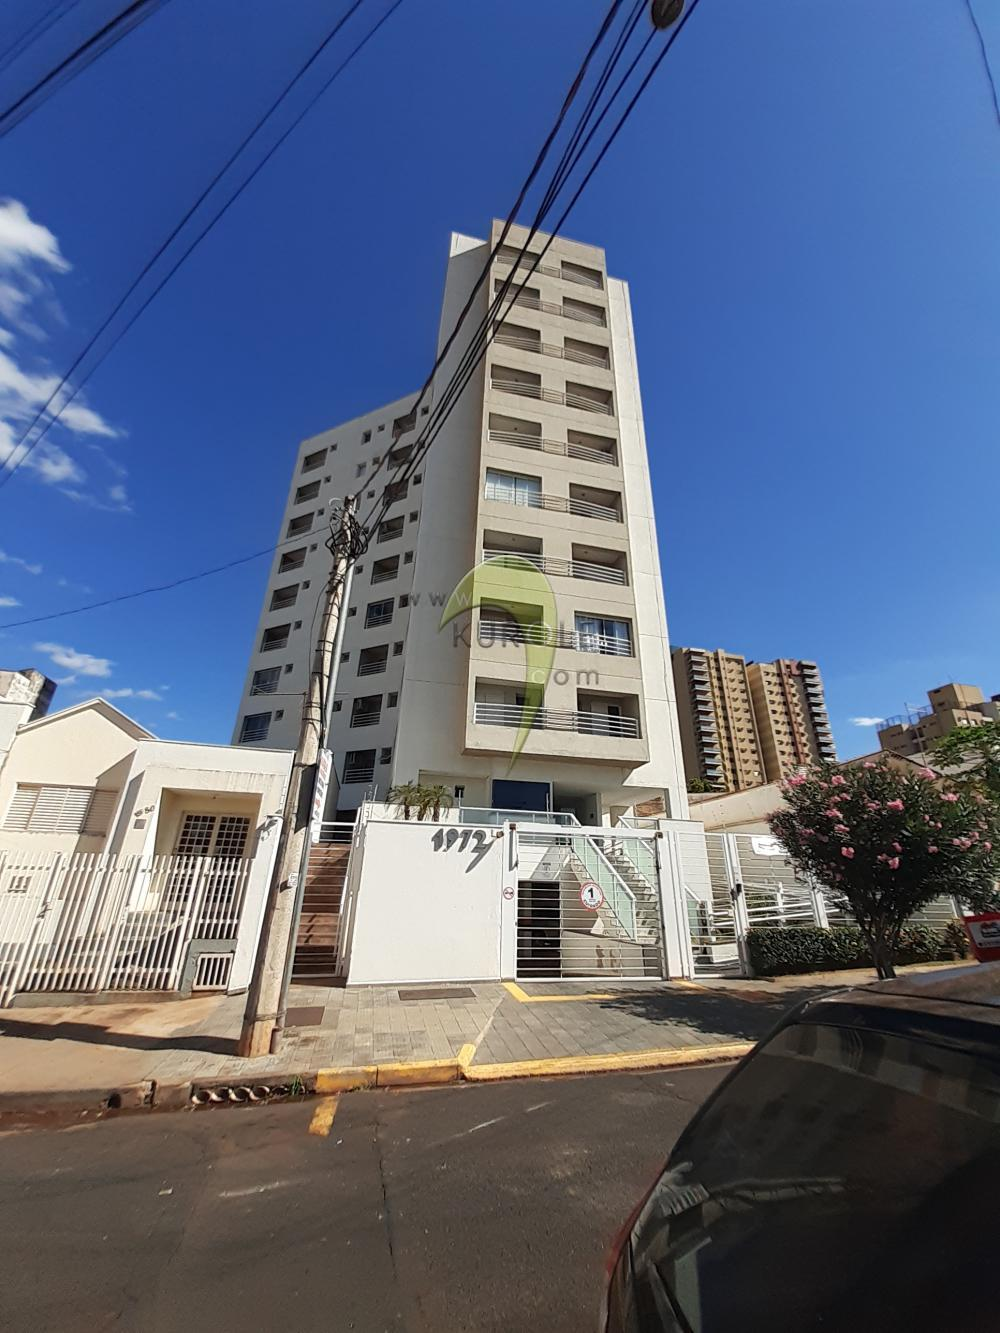 alt='Alugar Apartamento / Cobertura em Ribeirão Preto R$ 11,00 - Foto 24' title='Alugar Apartamento / Cobertura em Ribeirão Preto R$ 11,00 - Foto 24'